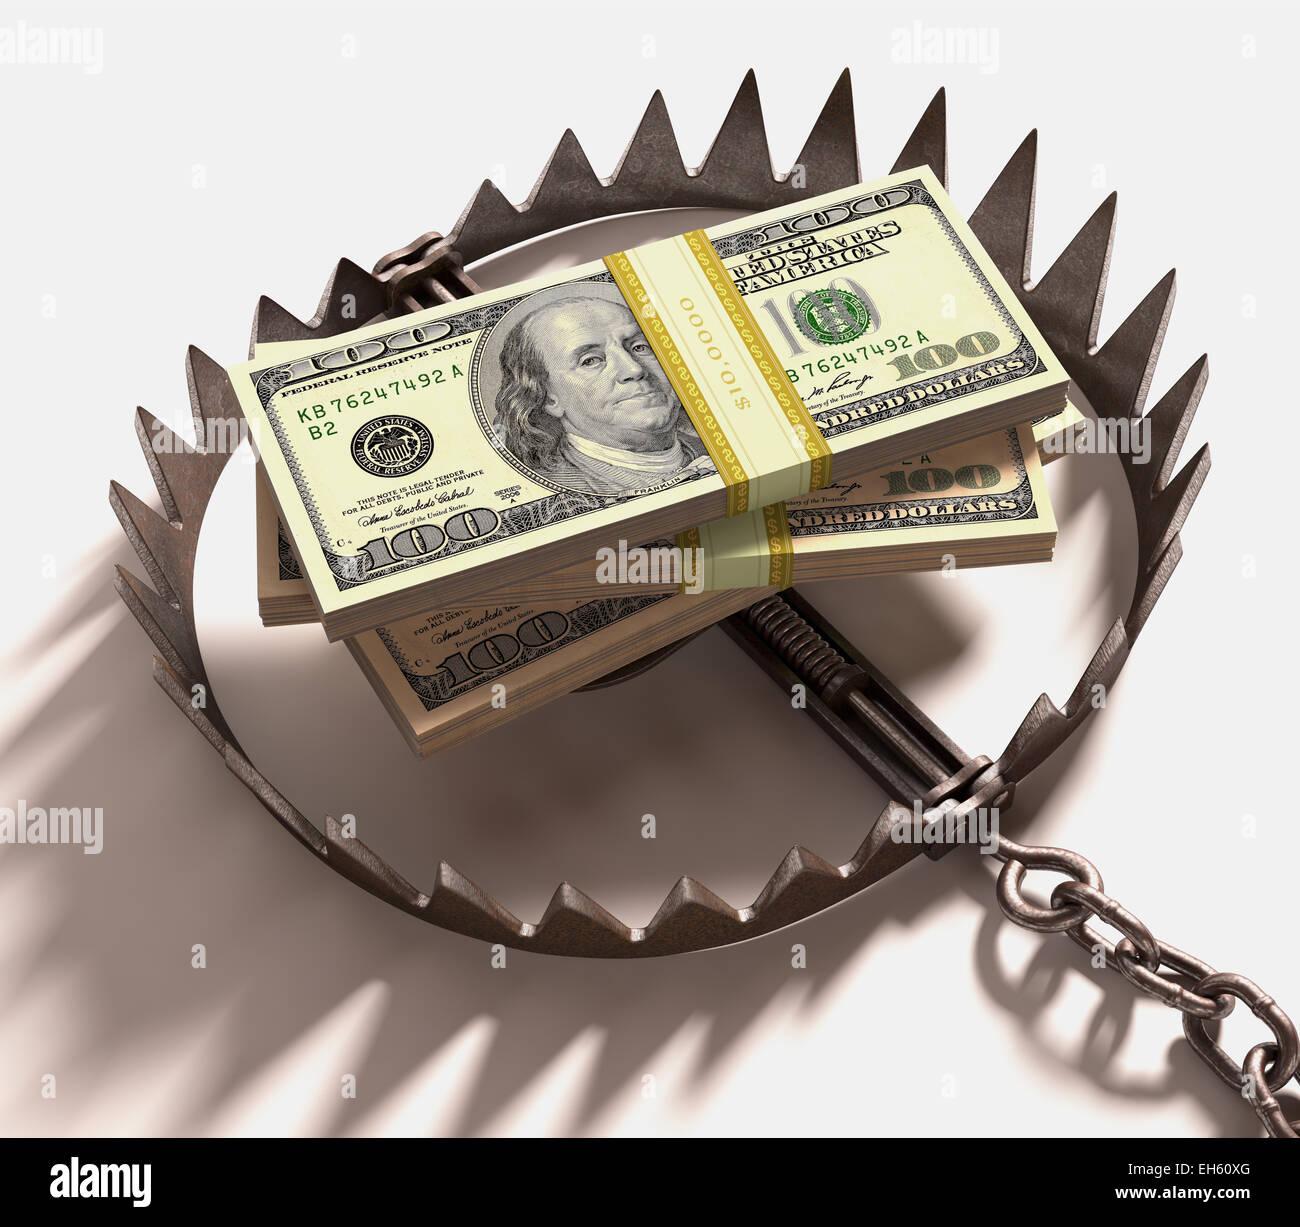 Stapel von US-Dollar in eine Falle. Clipping-Pfad enthalten. Stockbild